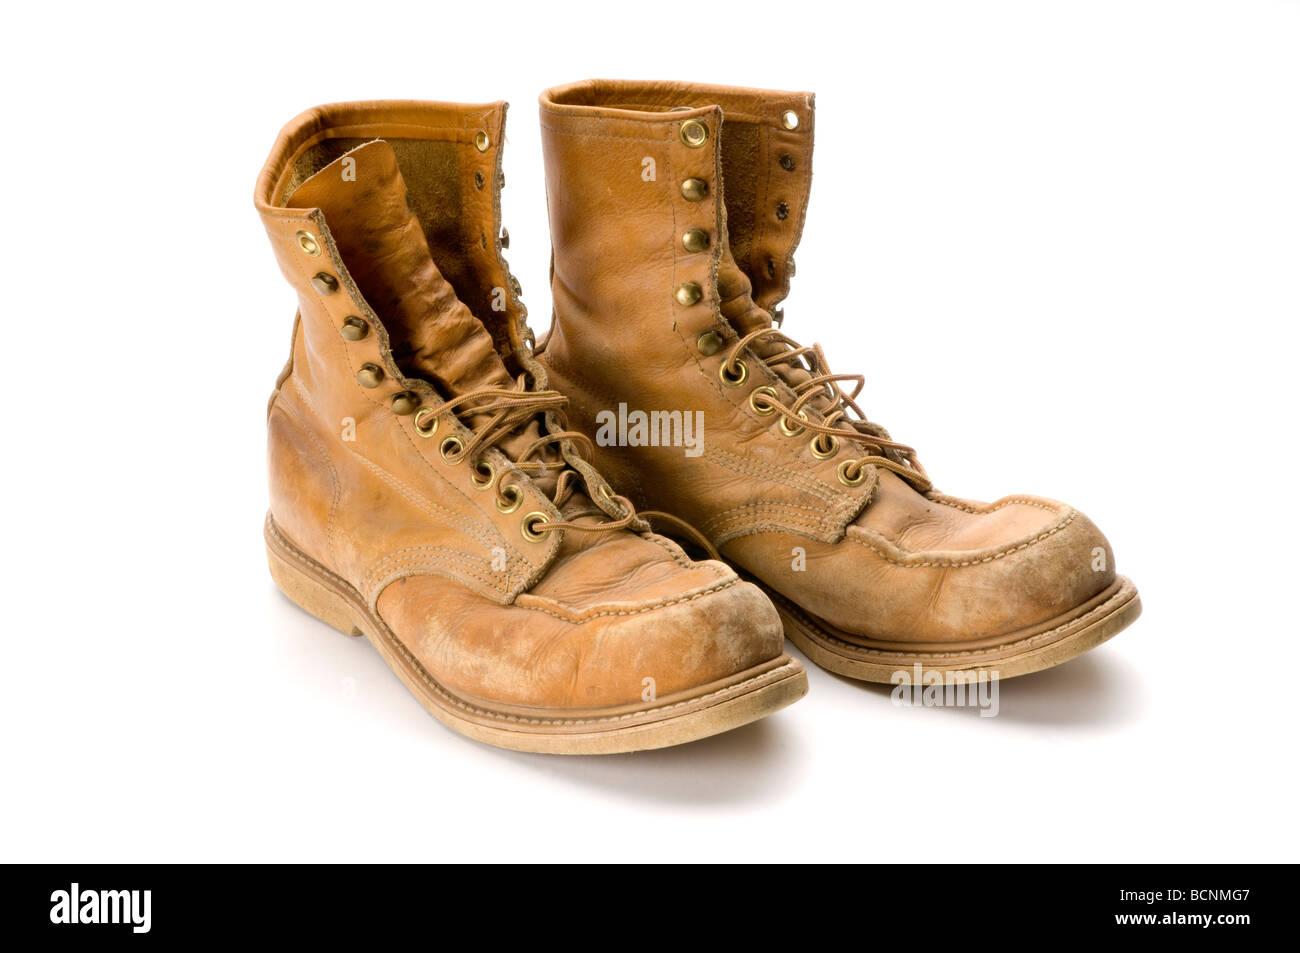 Worn im genes de stock worn fotos de stock alamy for Zapatos de trabajo blancos